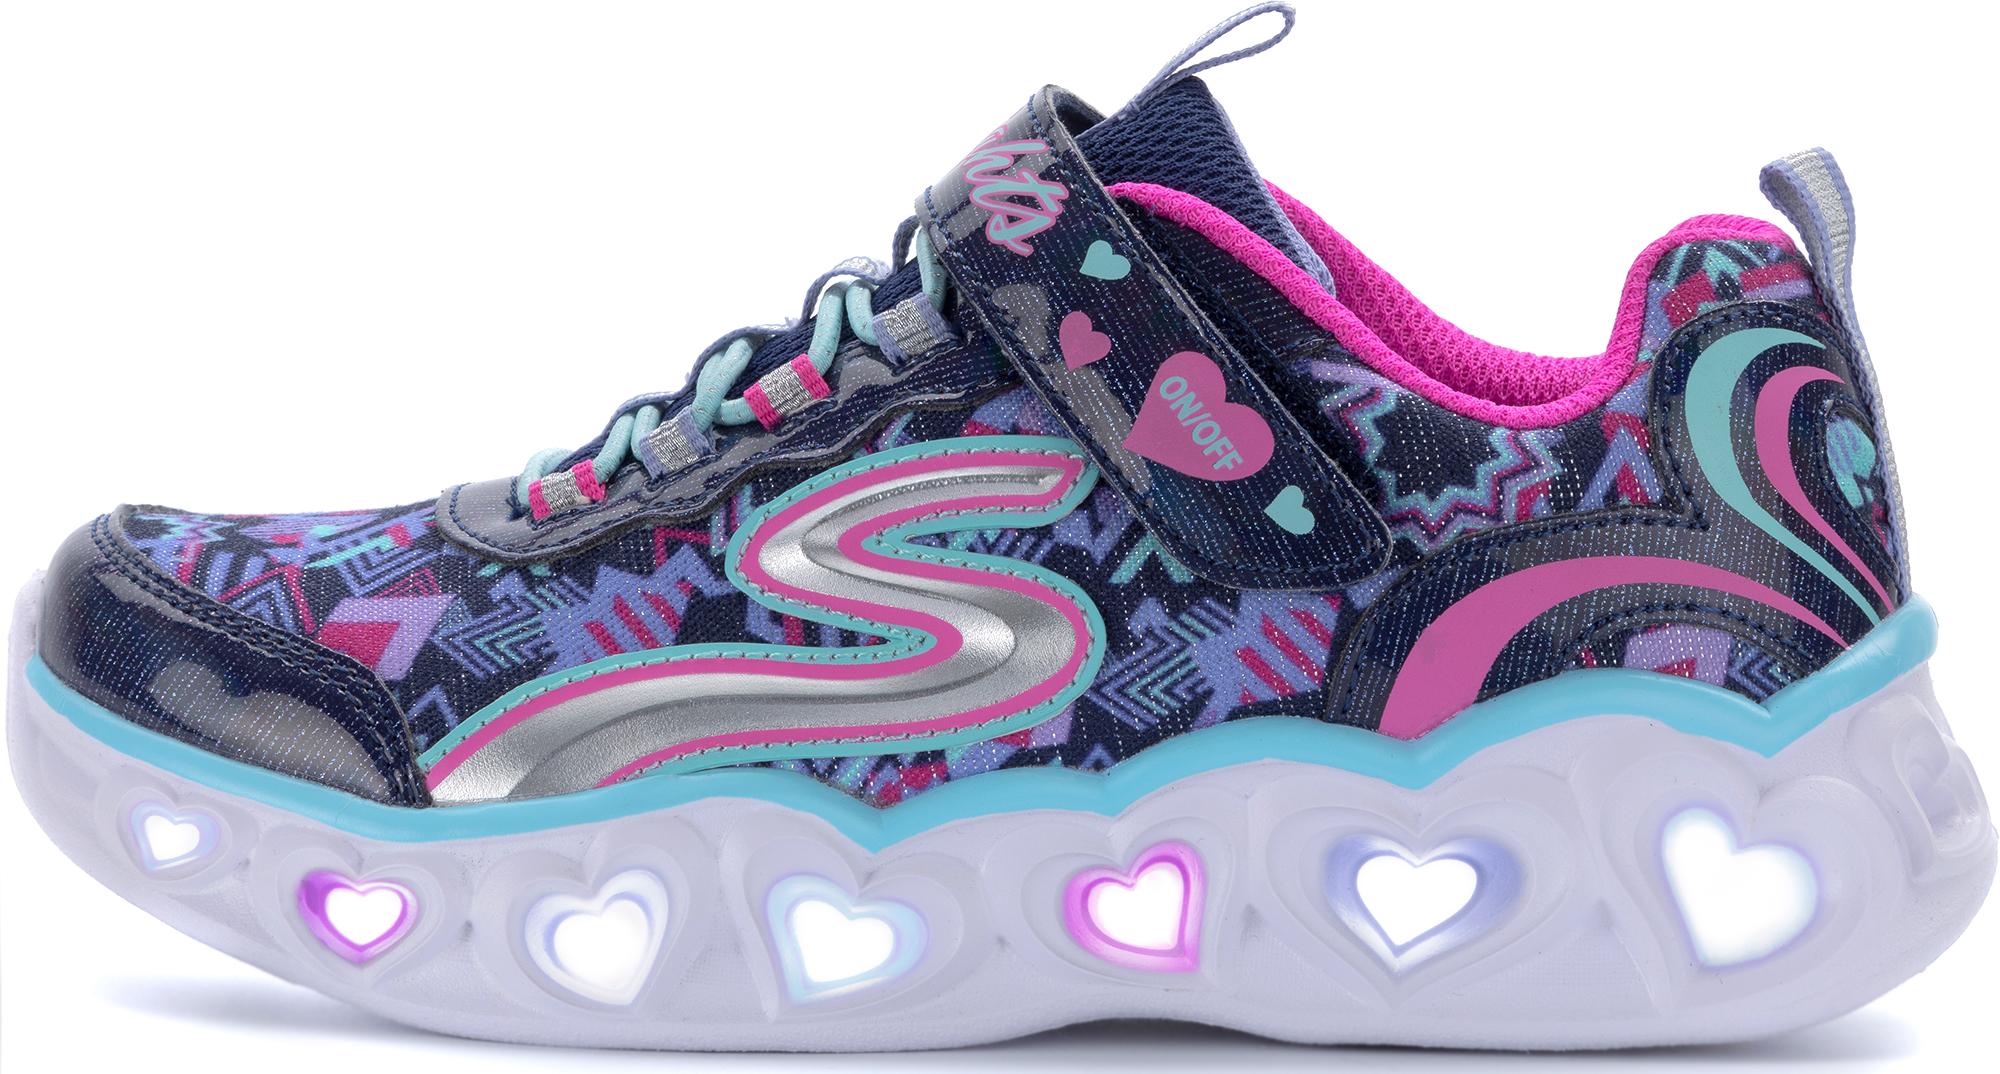 Skechers Кроссовки для девочек Skechers Heart Lights Love Lights, размер 34,5